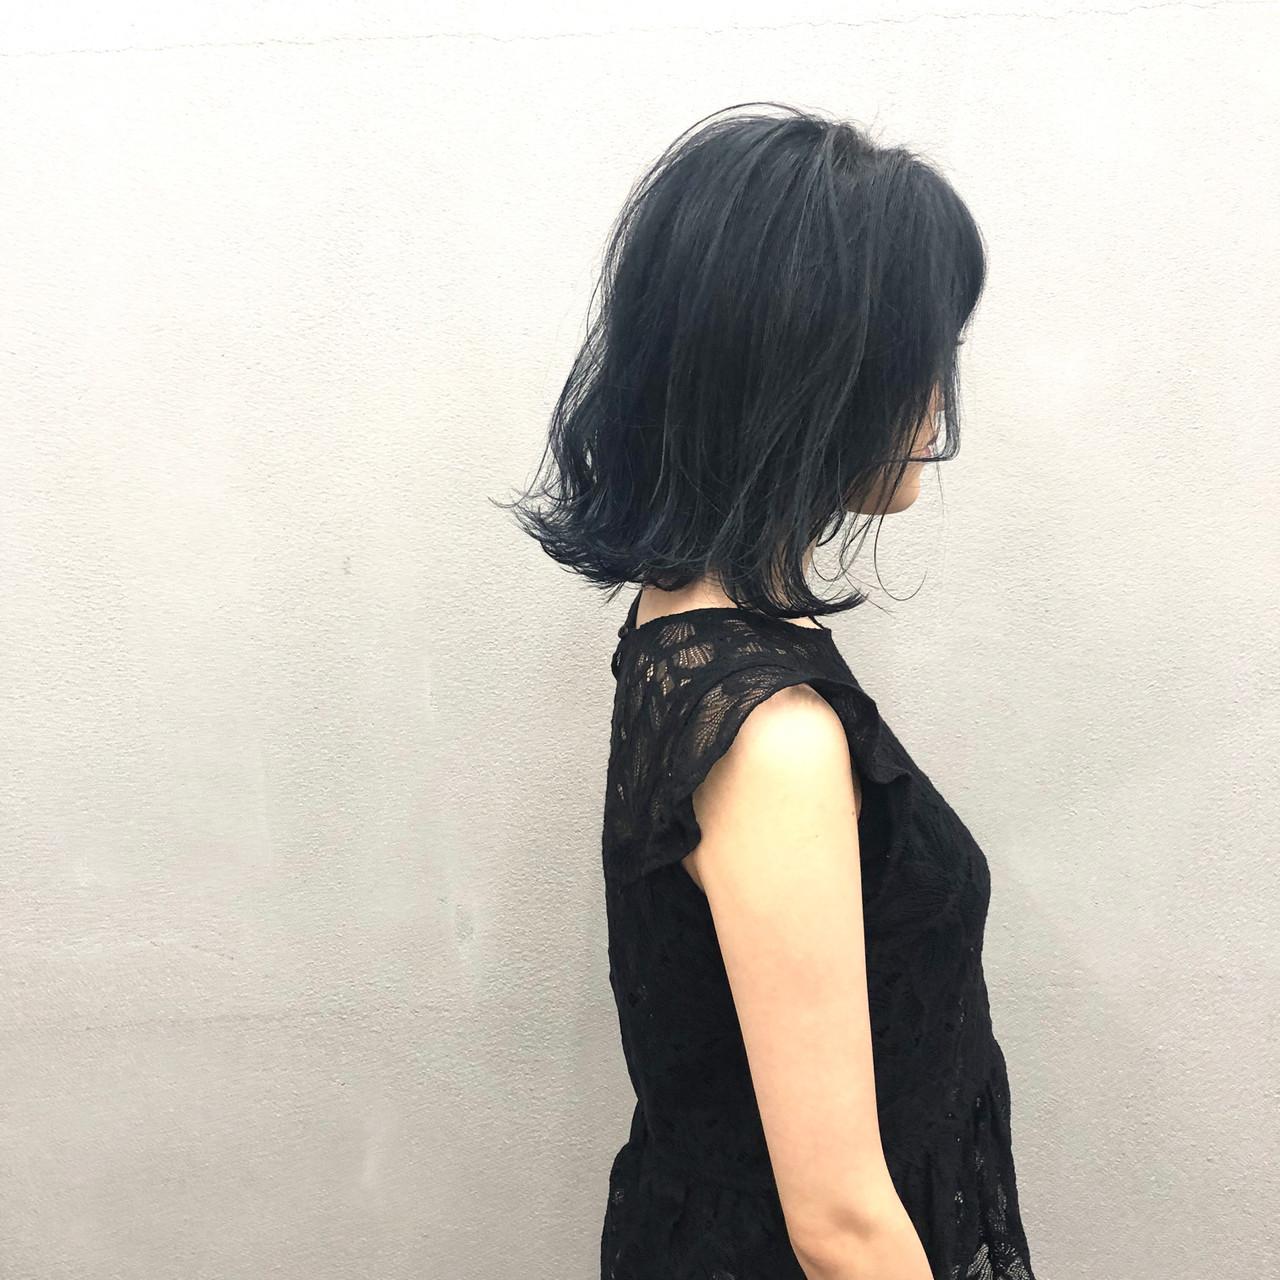 簡単スタイリング 切りっぱなしボブ 外ハネボブ ナチュラル ヘアスタイルや髪型の写真・画像